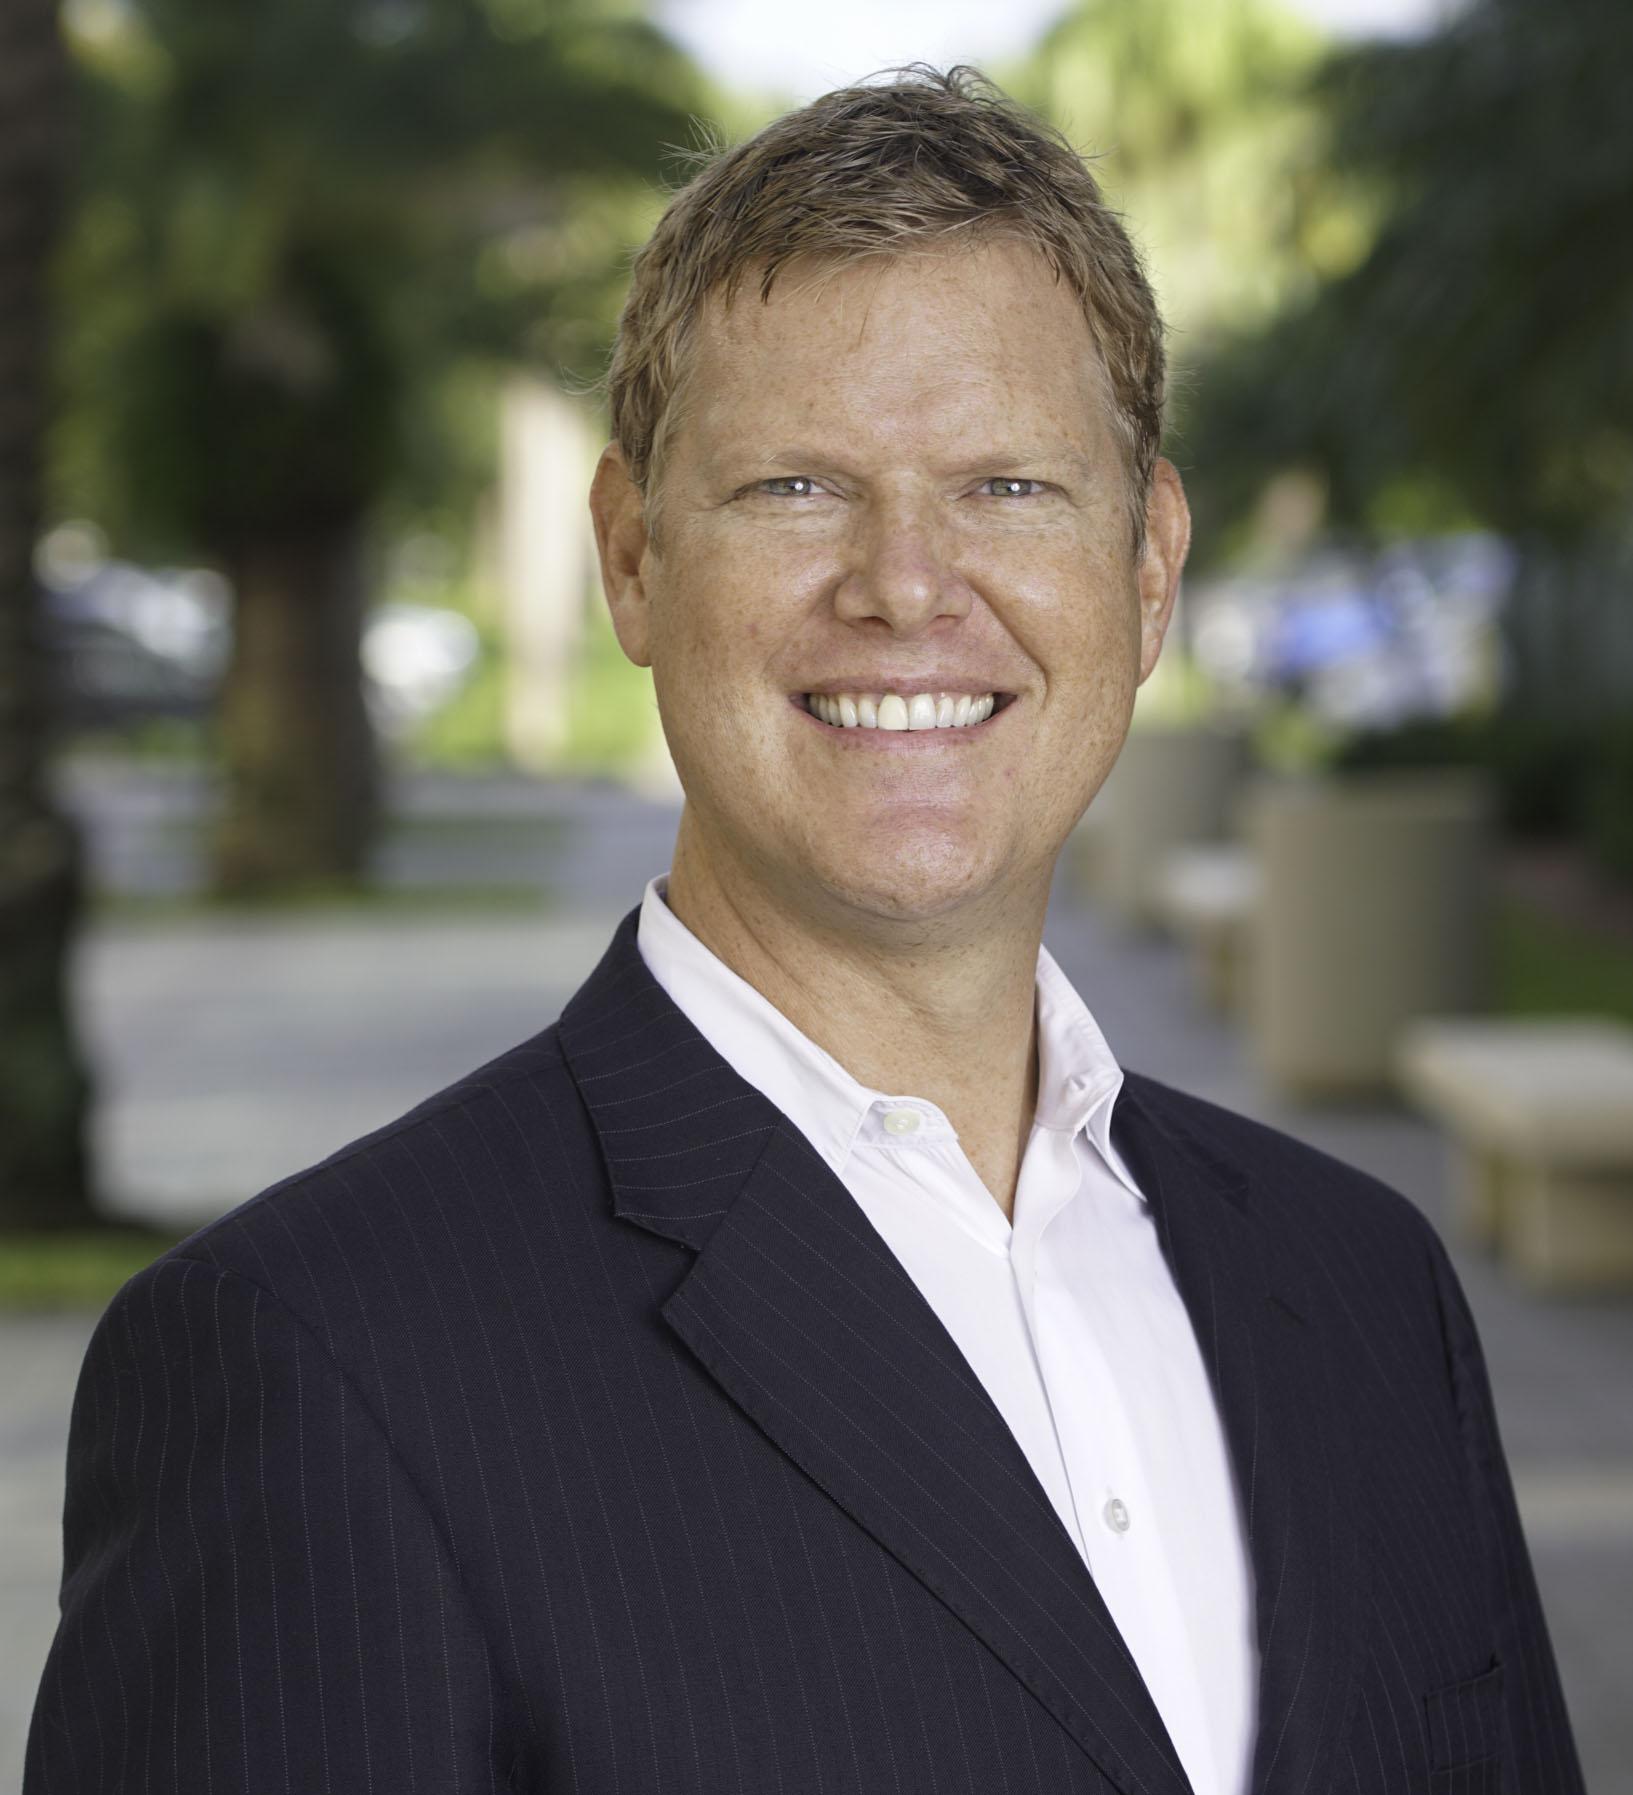 Sean Perkins, Business Consultant